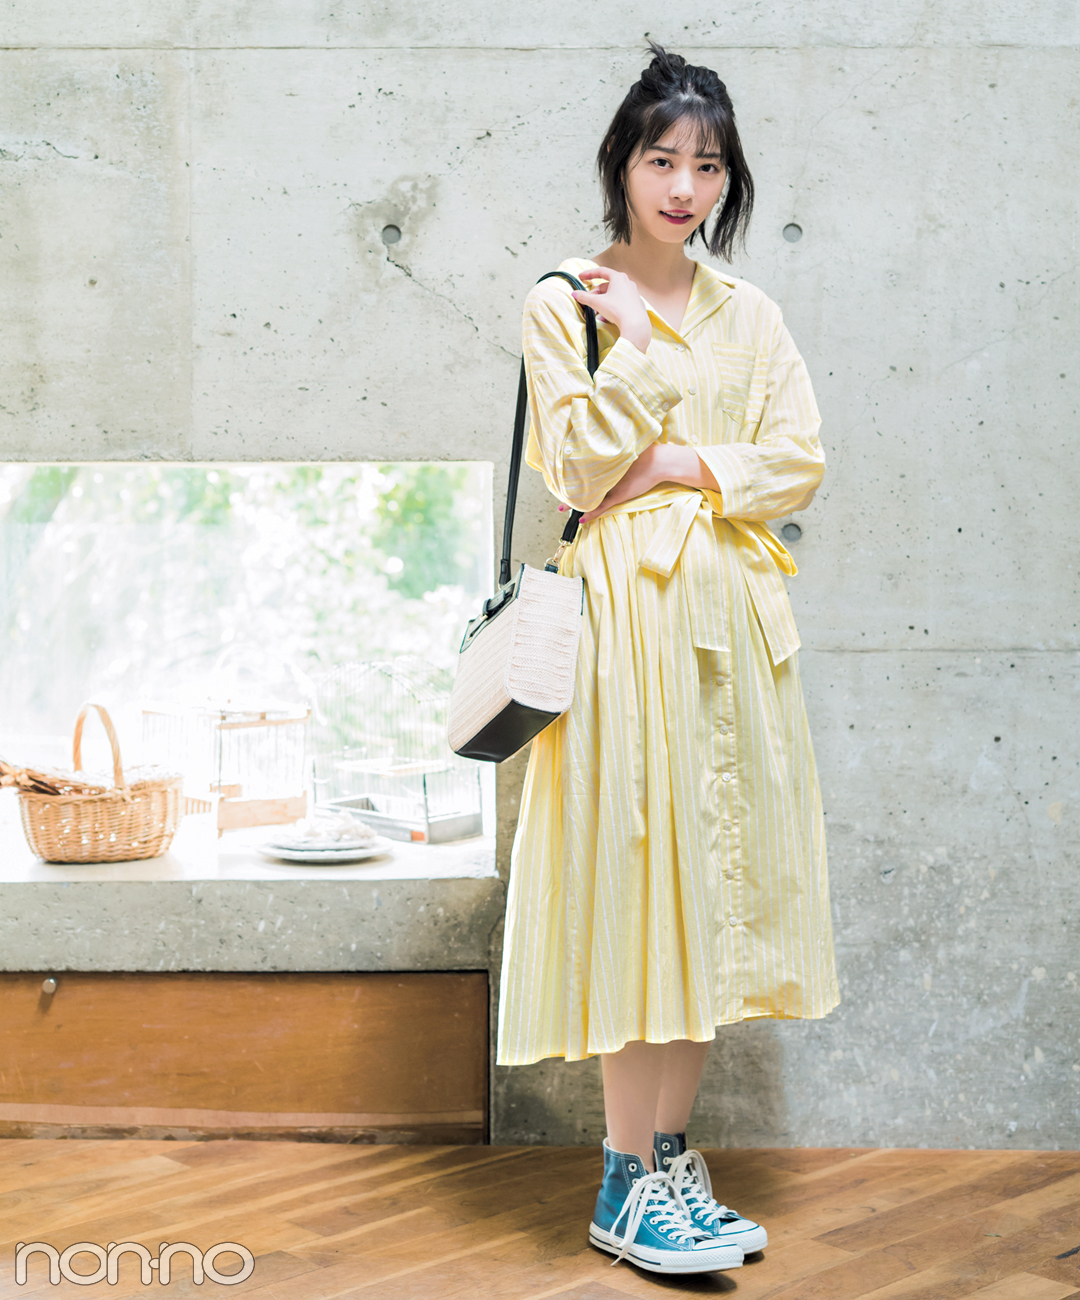 西野七瀬が着る♡ トレンドのストライプ柄ワンピ、春コーデ3選!_1_2-1